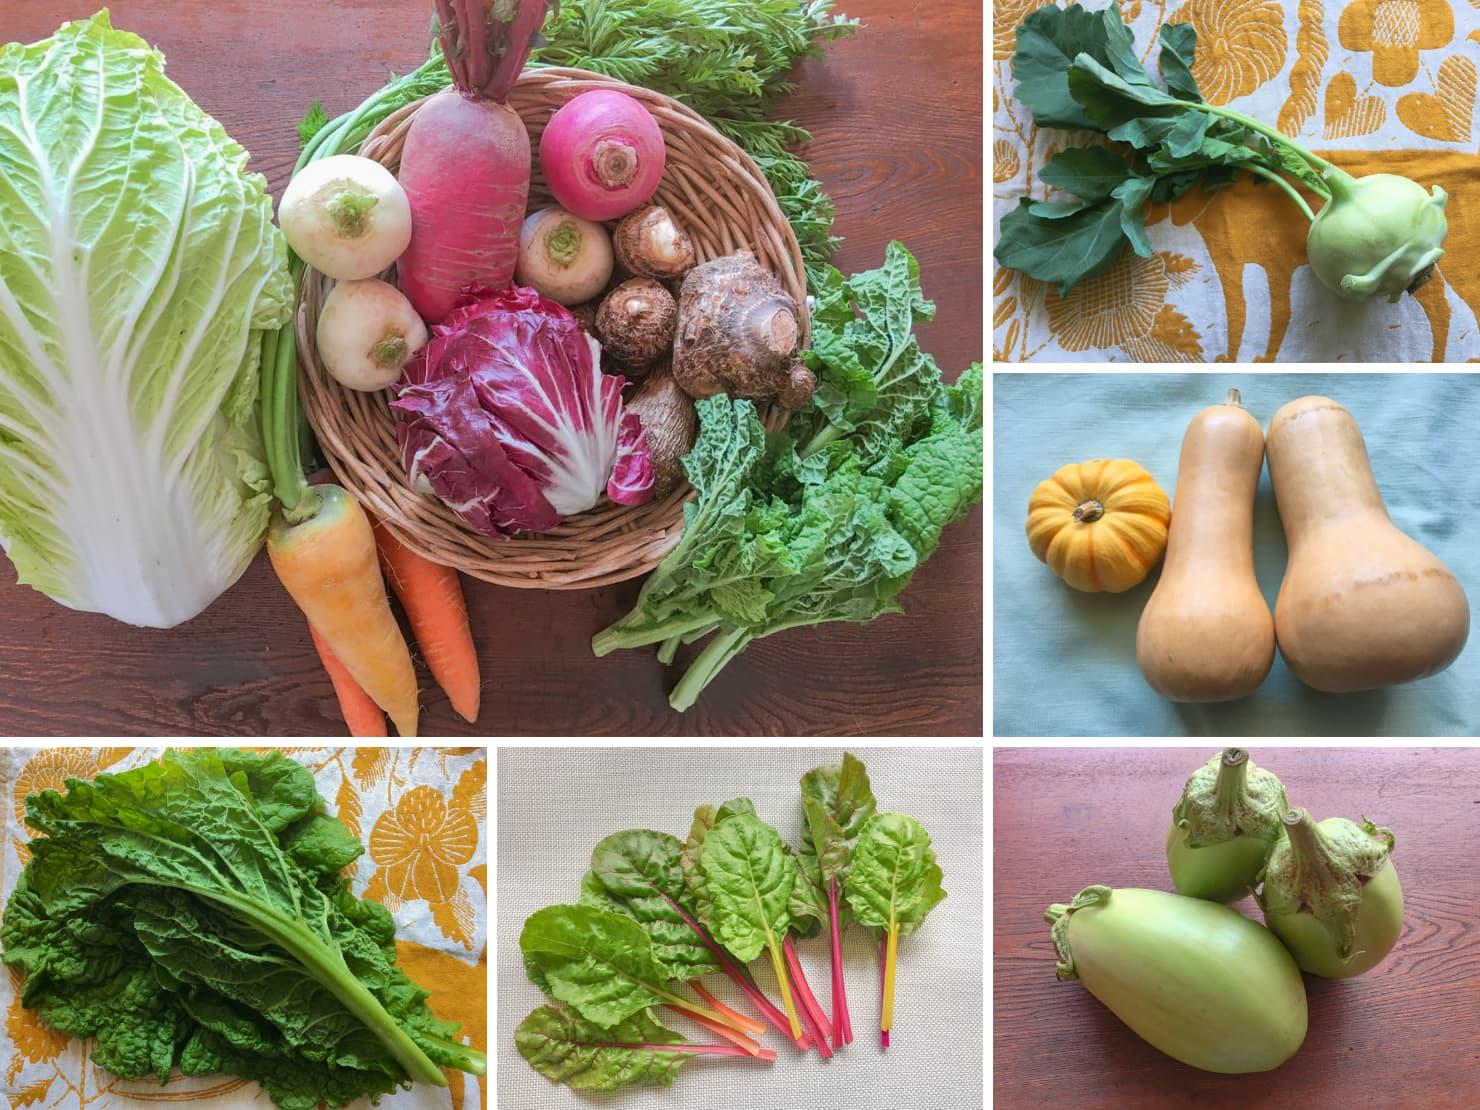 野菜セットや珍しい野菜の写真